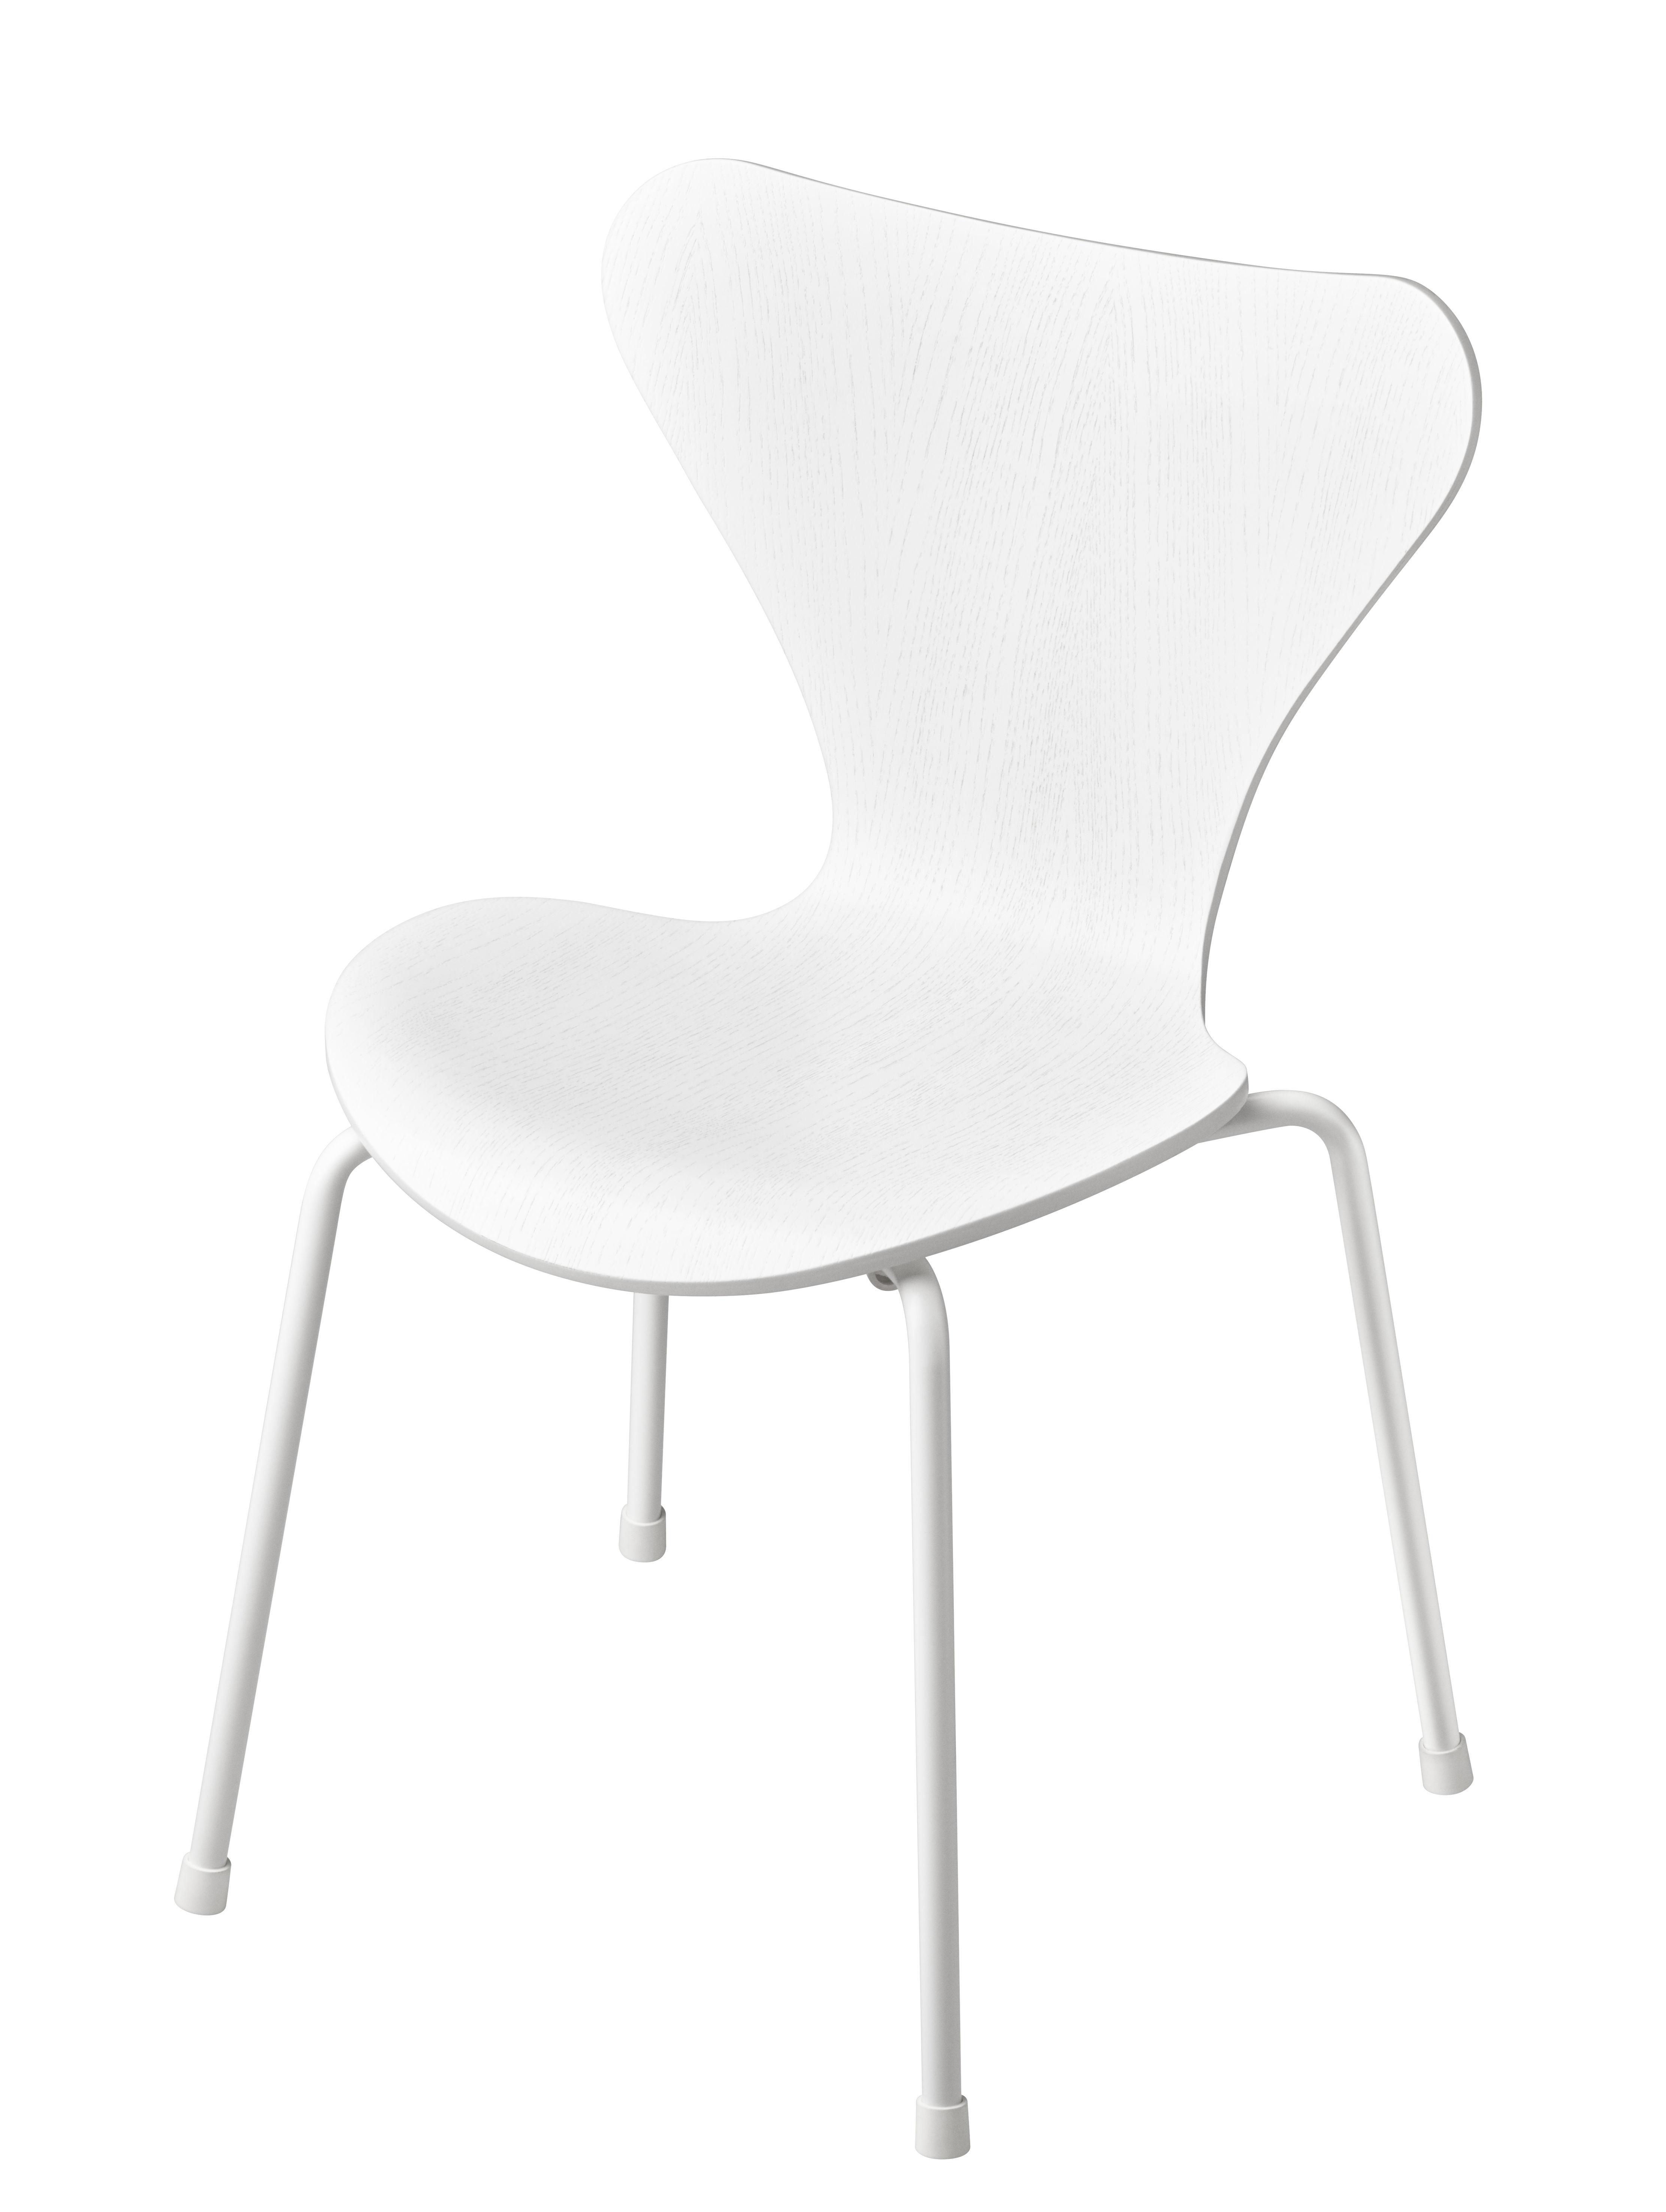 Children S Chair Serie 7 By Fritz Hansen White Made In Design Uk